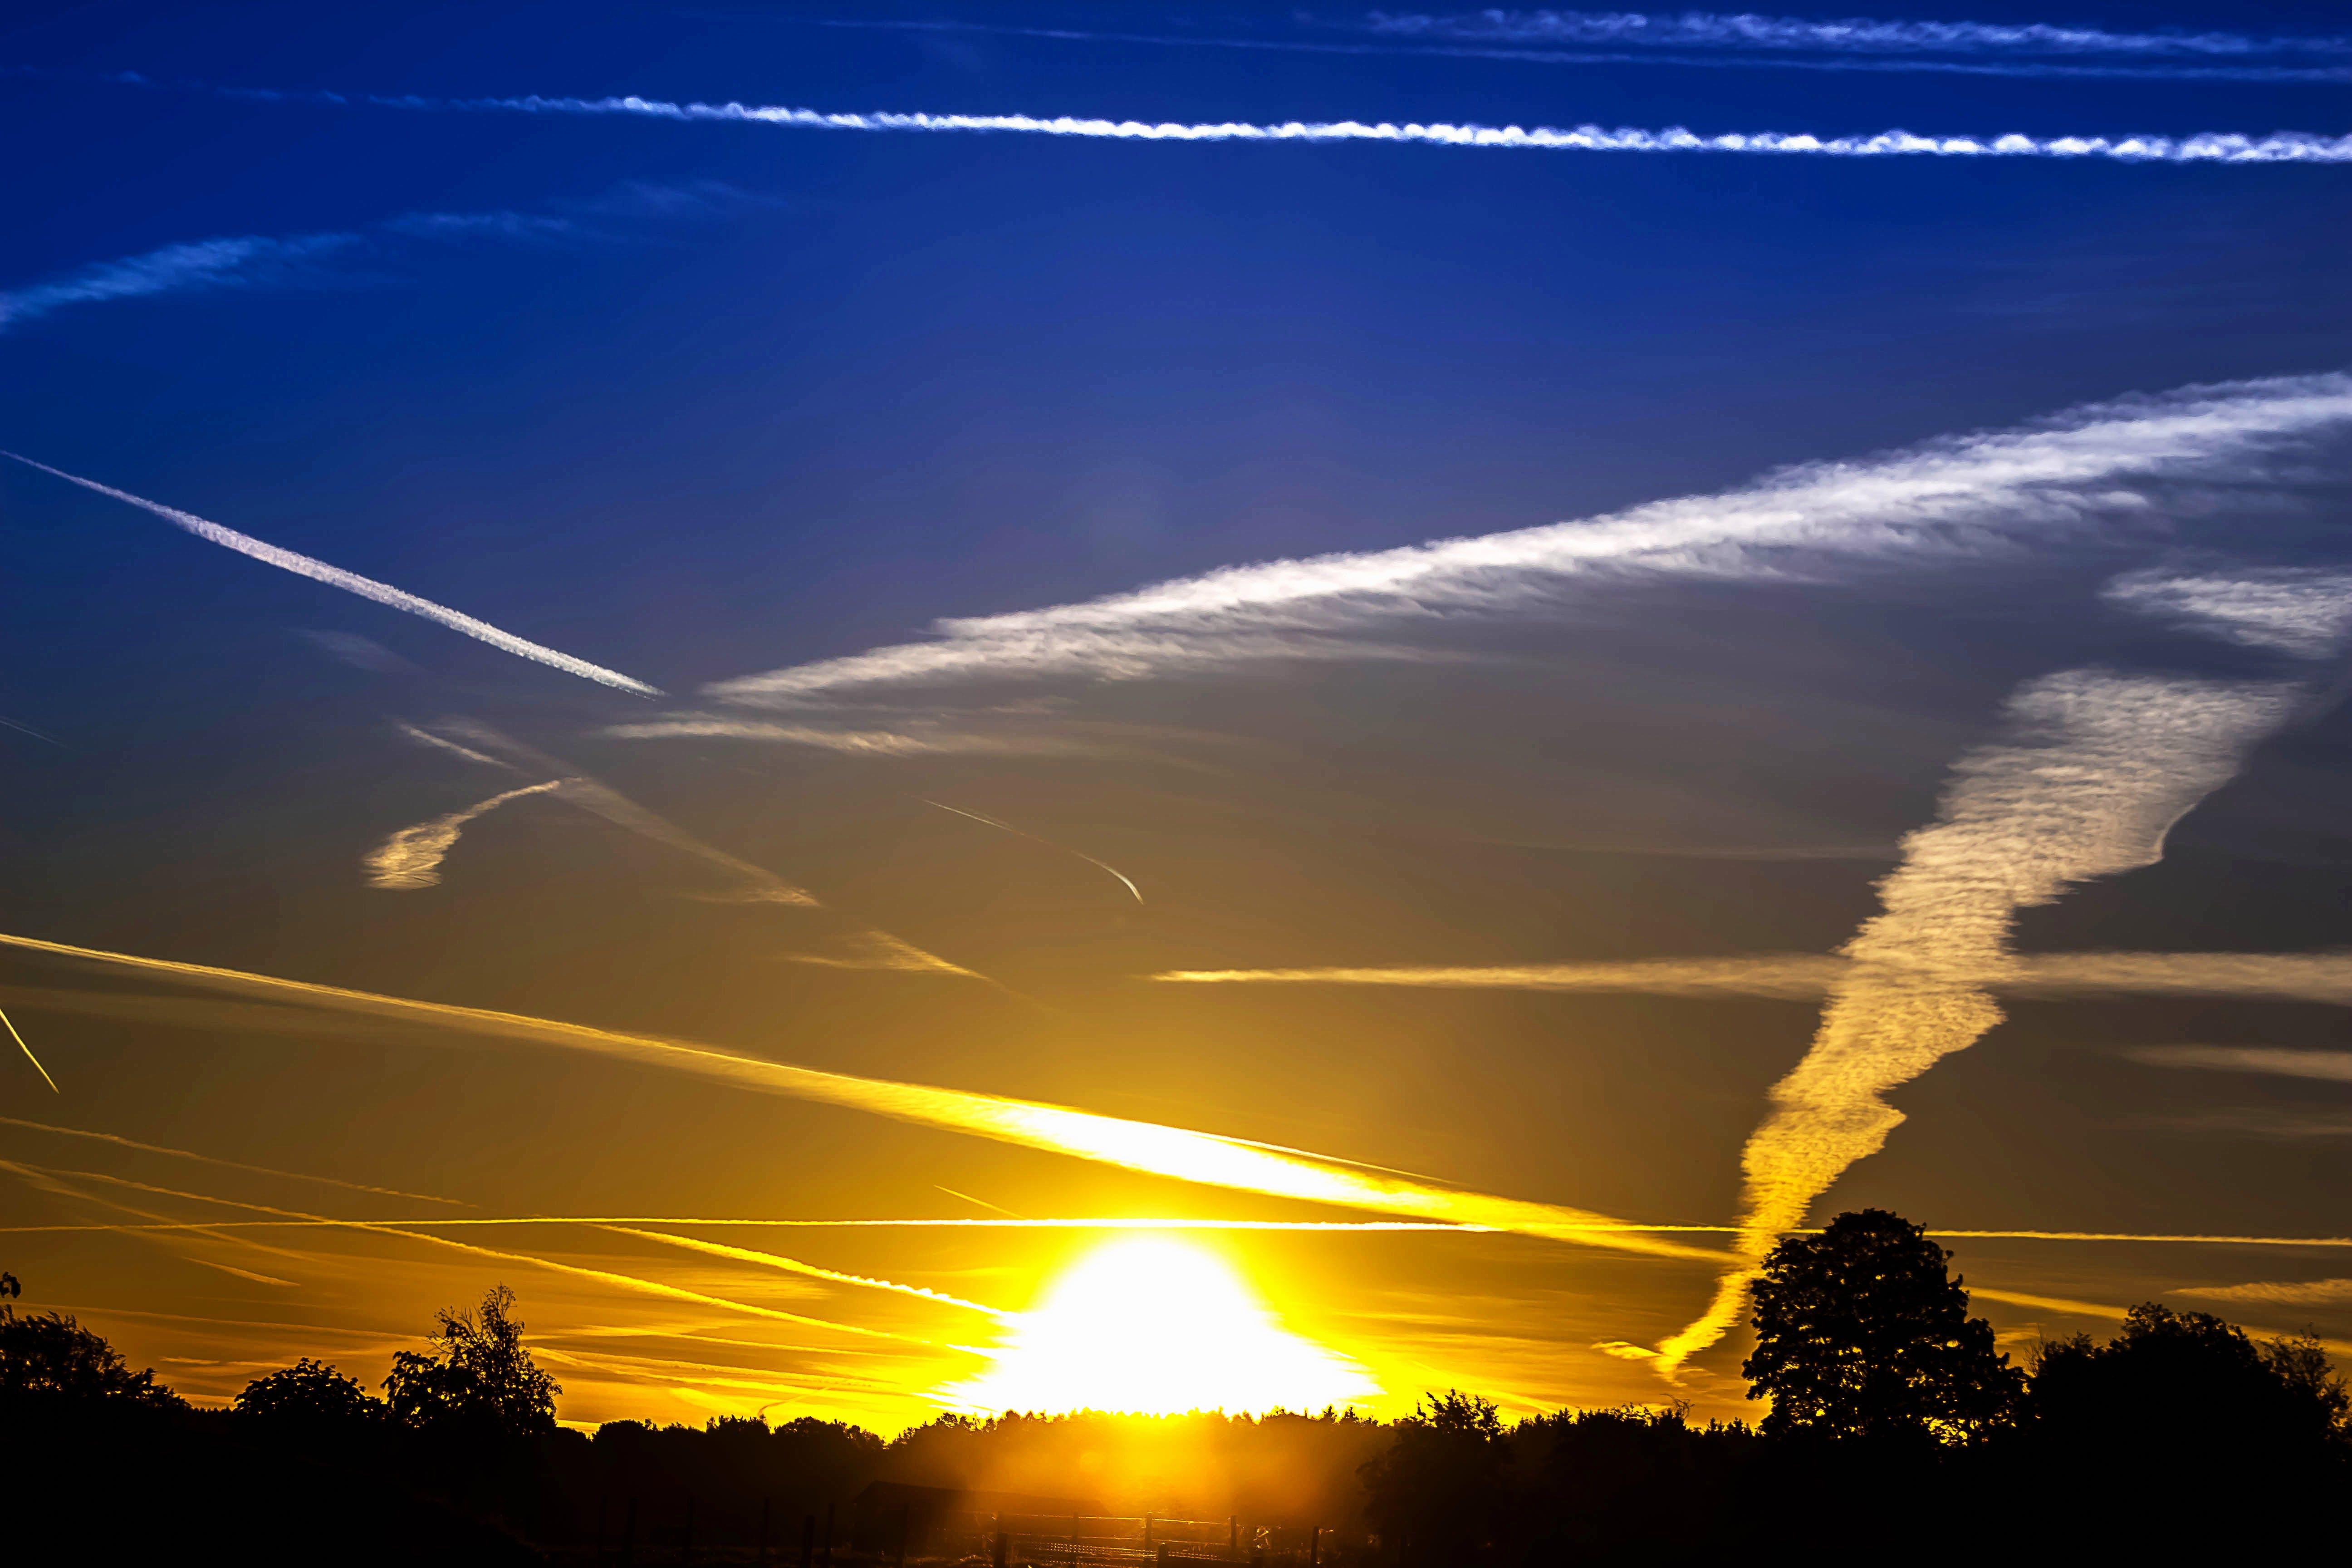 Δωρεάν στοκ φωτογραφιών με ακτίνα ήλιου, ακτίνες, Ανατολή ηλίου, αυγή